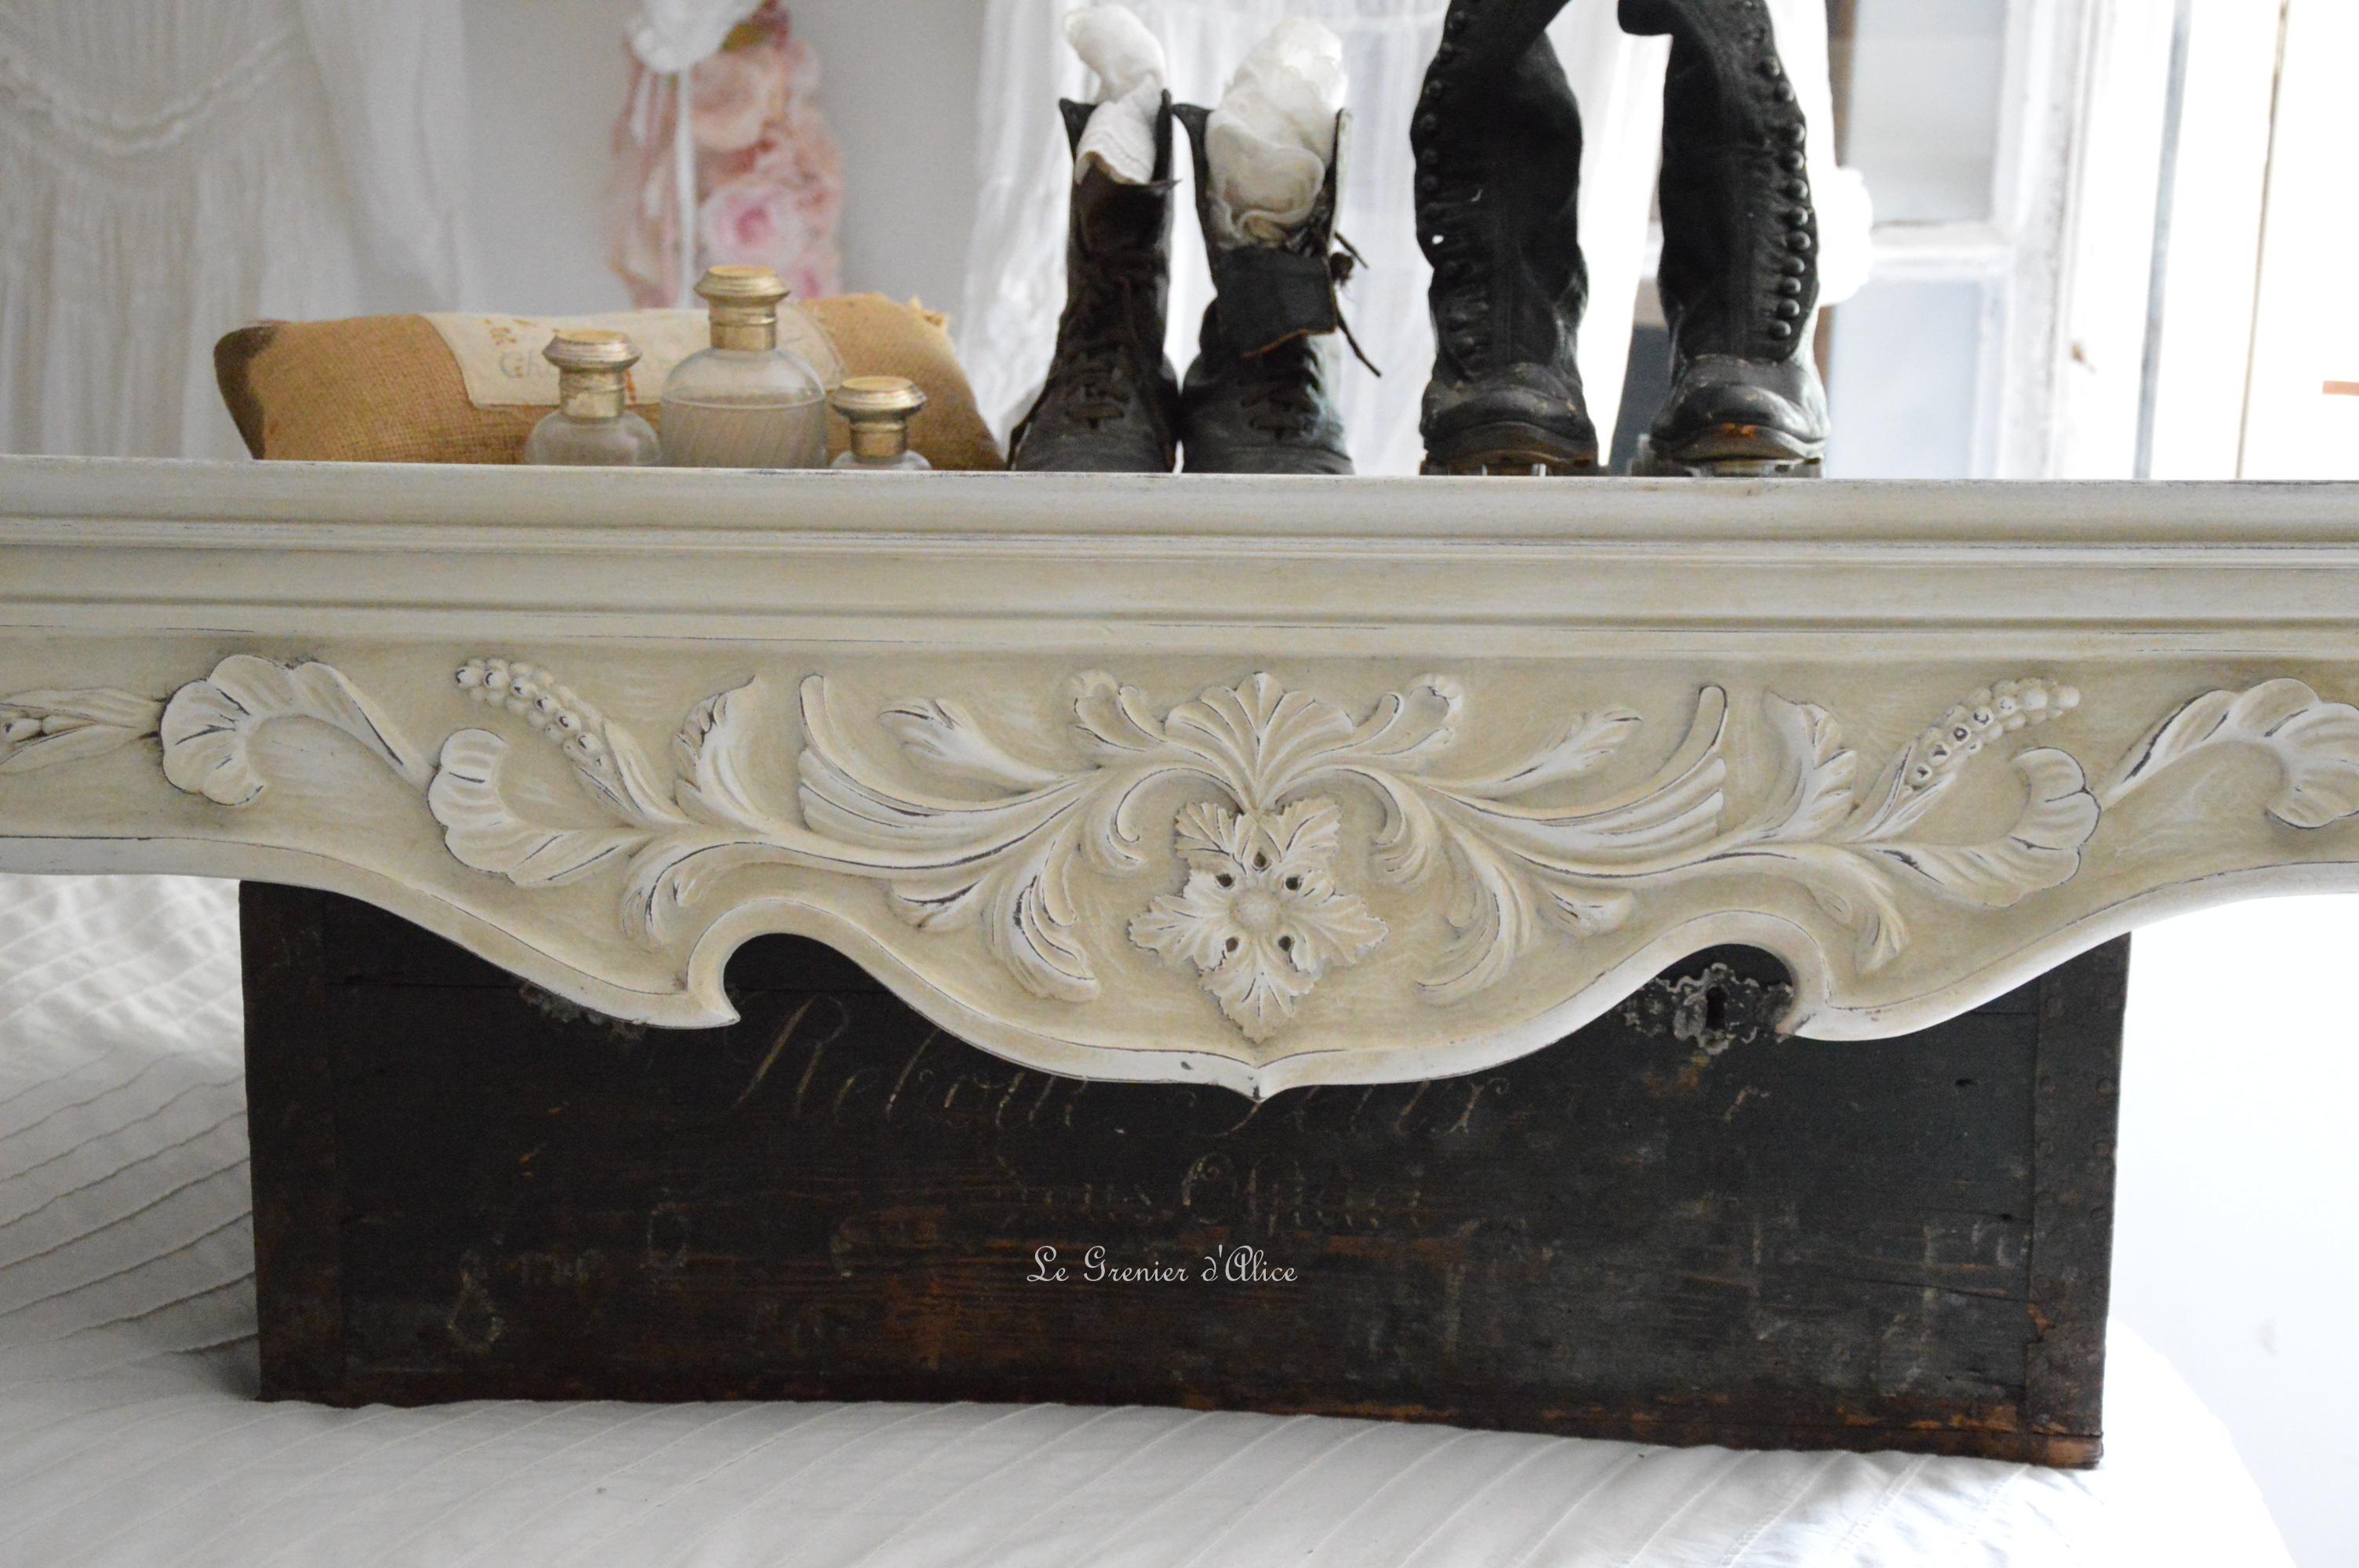 Cantonnière ciel de lit étagère shabby chic romantique création le grenier dalice